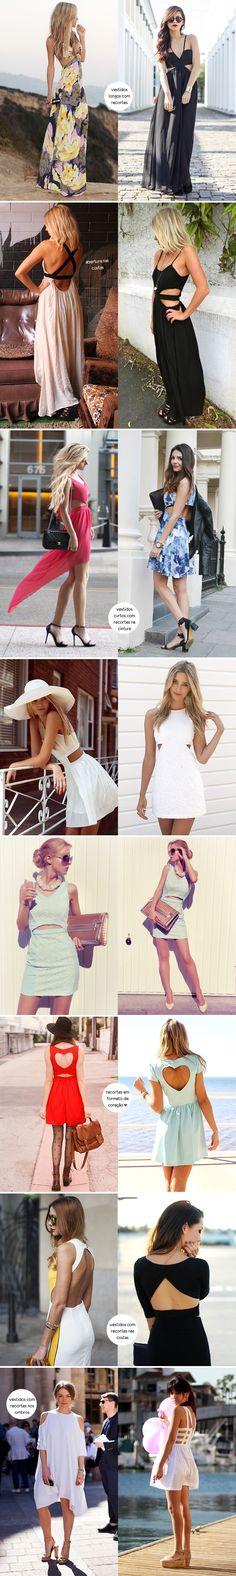 Inspiração como usar look vestido com recortes / vestido cut out